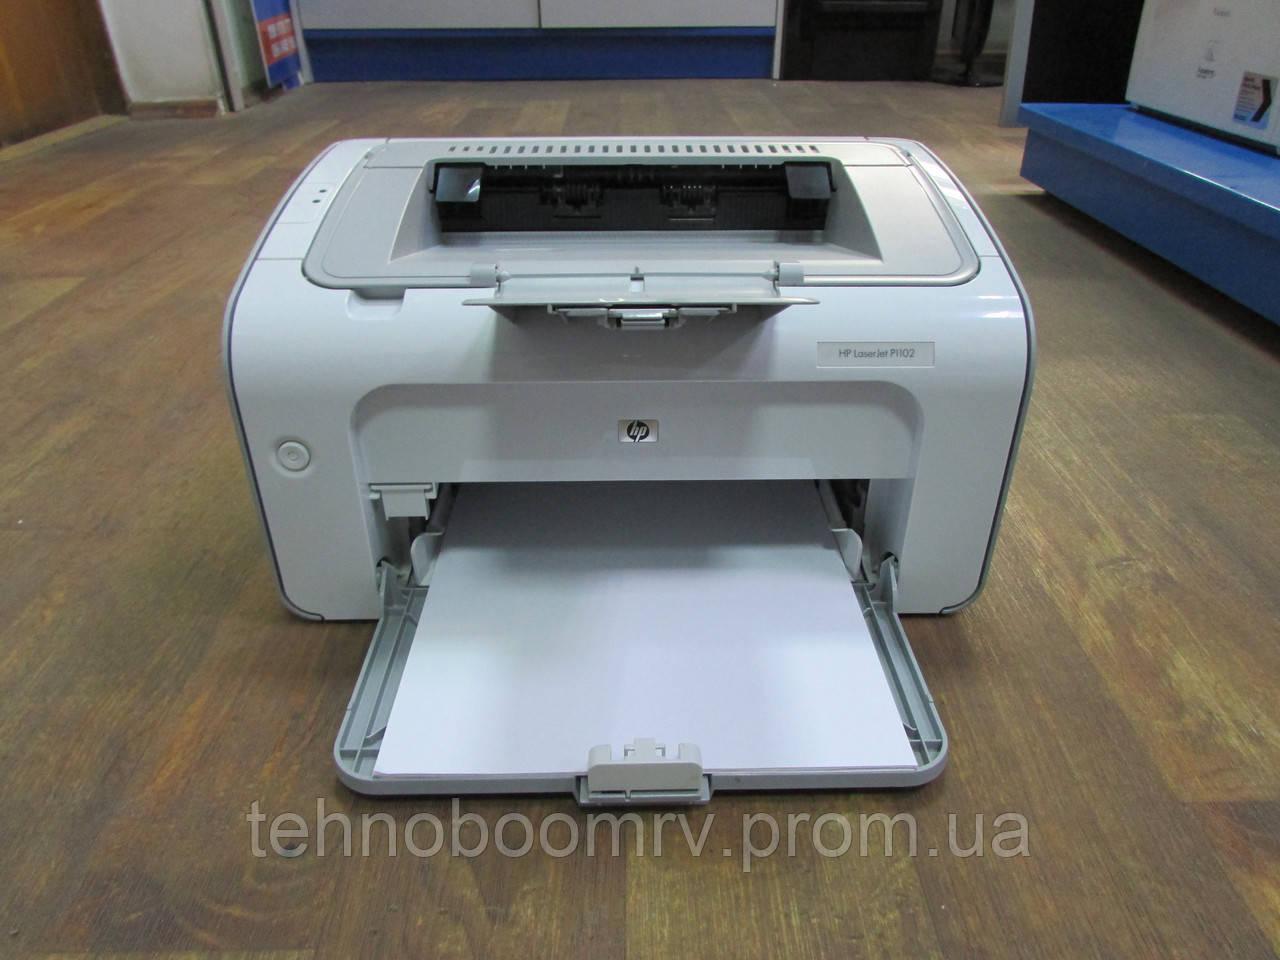 Лазерный принтер HP LaserJet P1102 - ч/б 18стр/мин